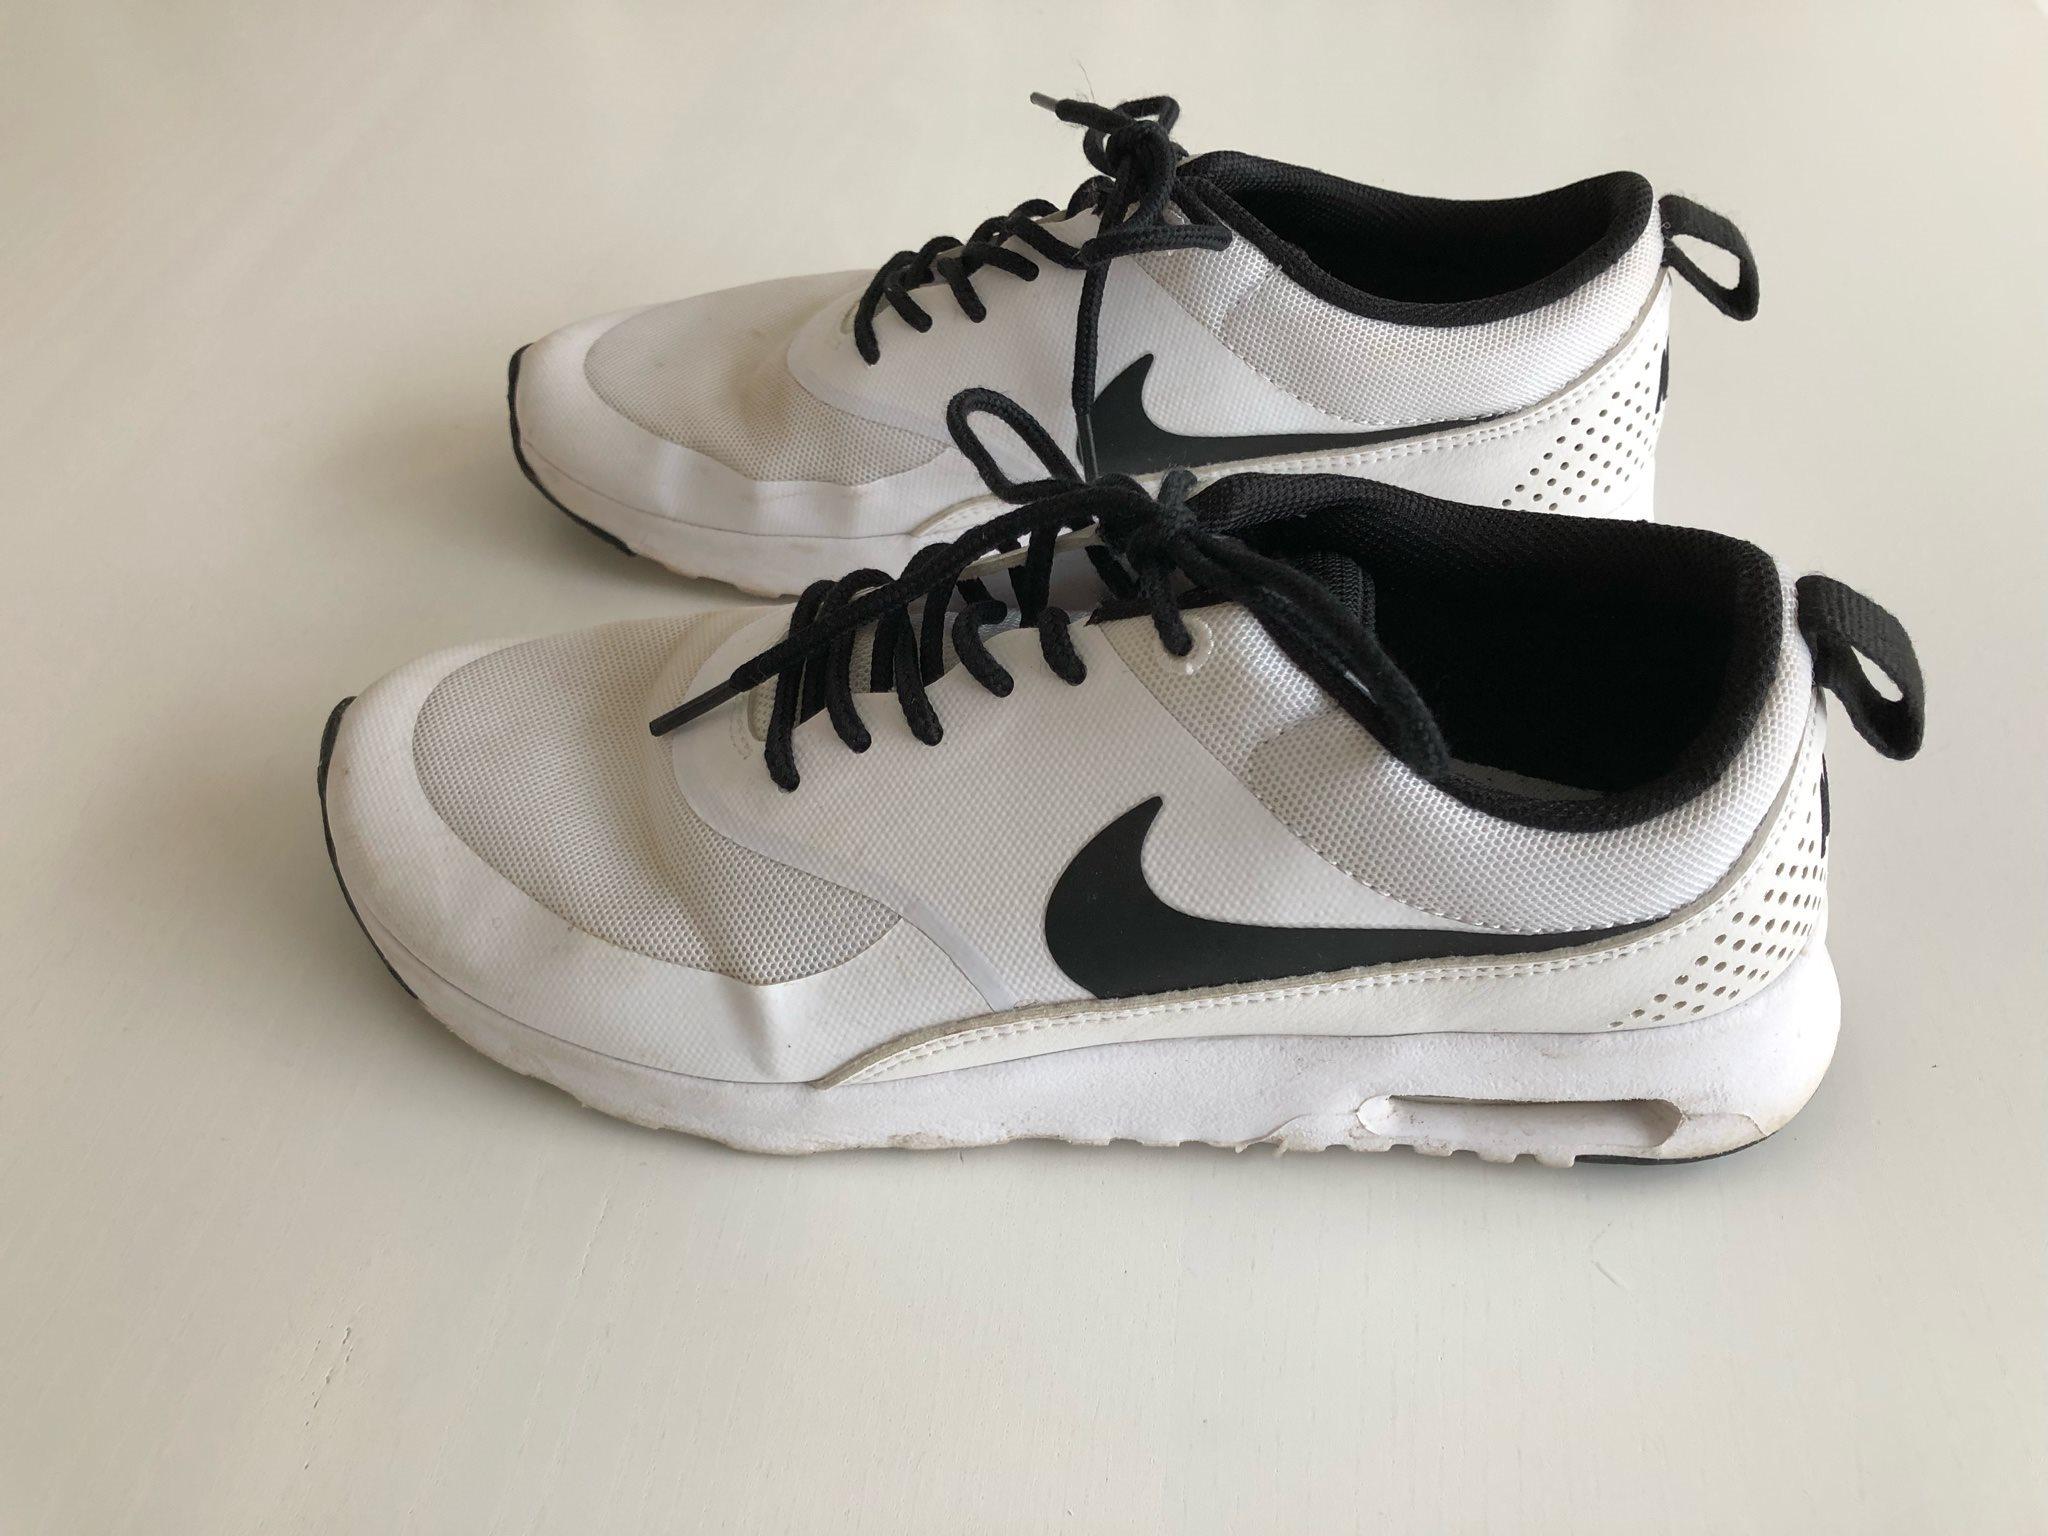 release date 805a9 ab026 Nike Air Max Thea vita och svart strl 40